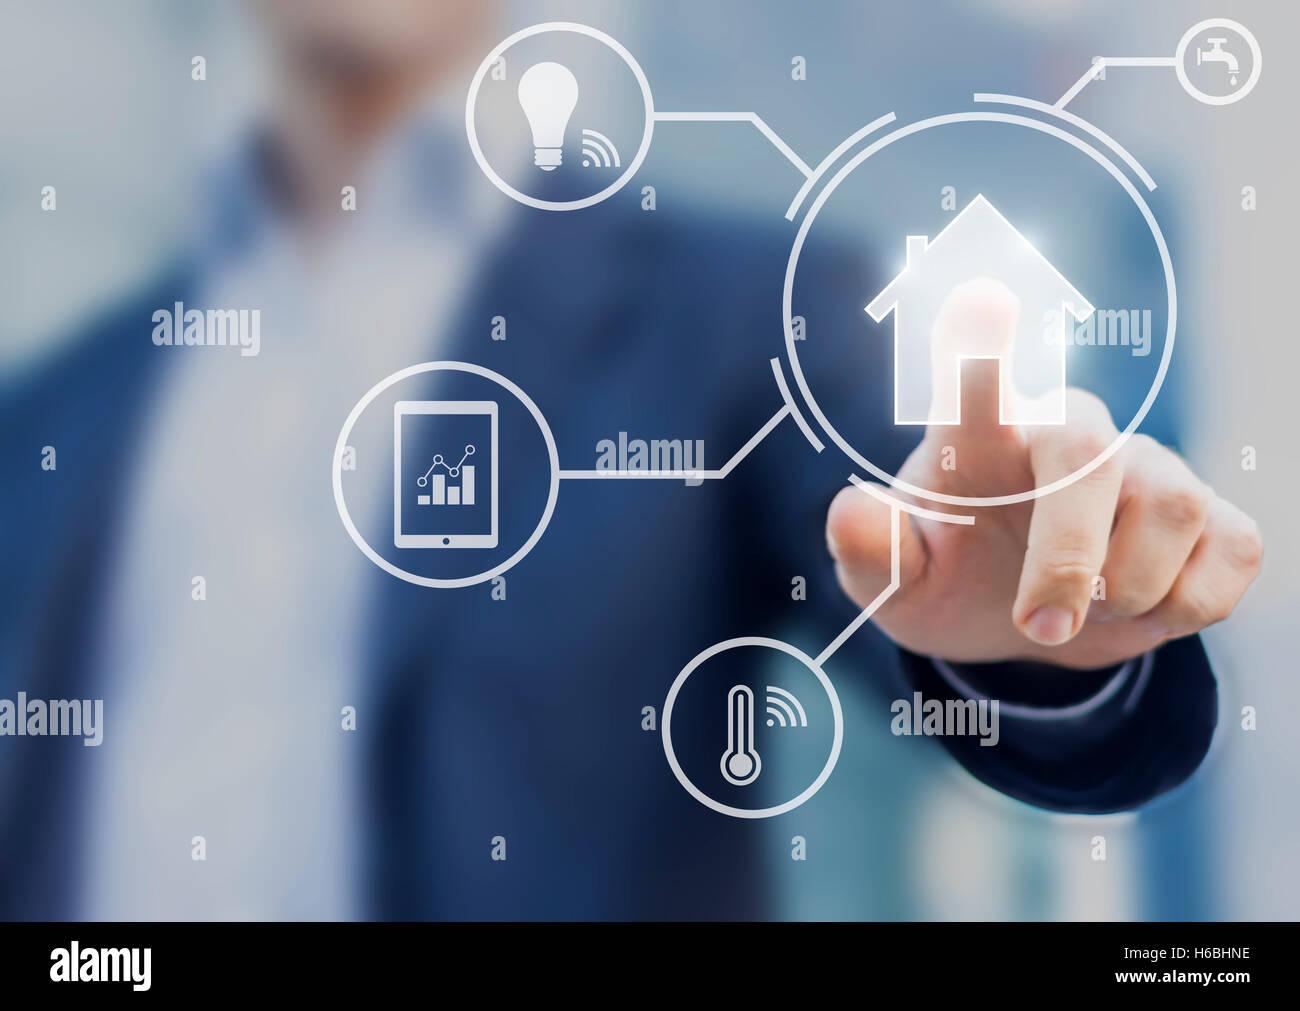 Smart home-Interface mit Knopf und Steuerung Temperatur und Lampen von mobile app-Symbole Stockbild